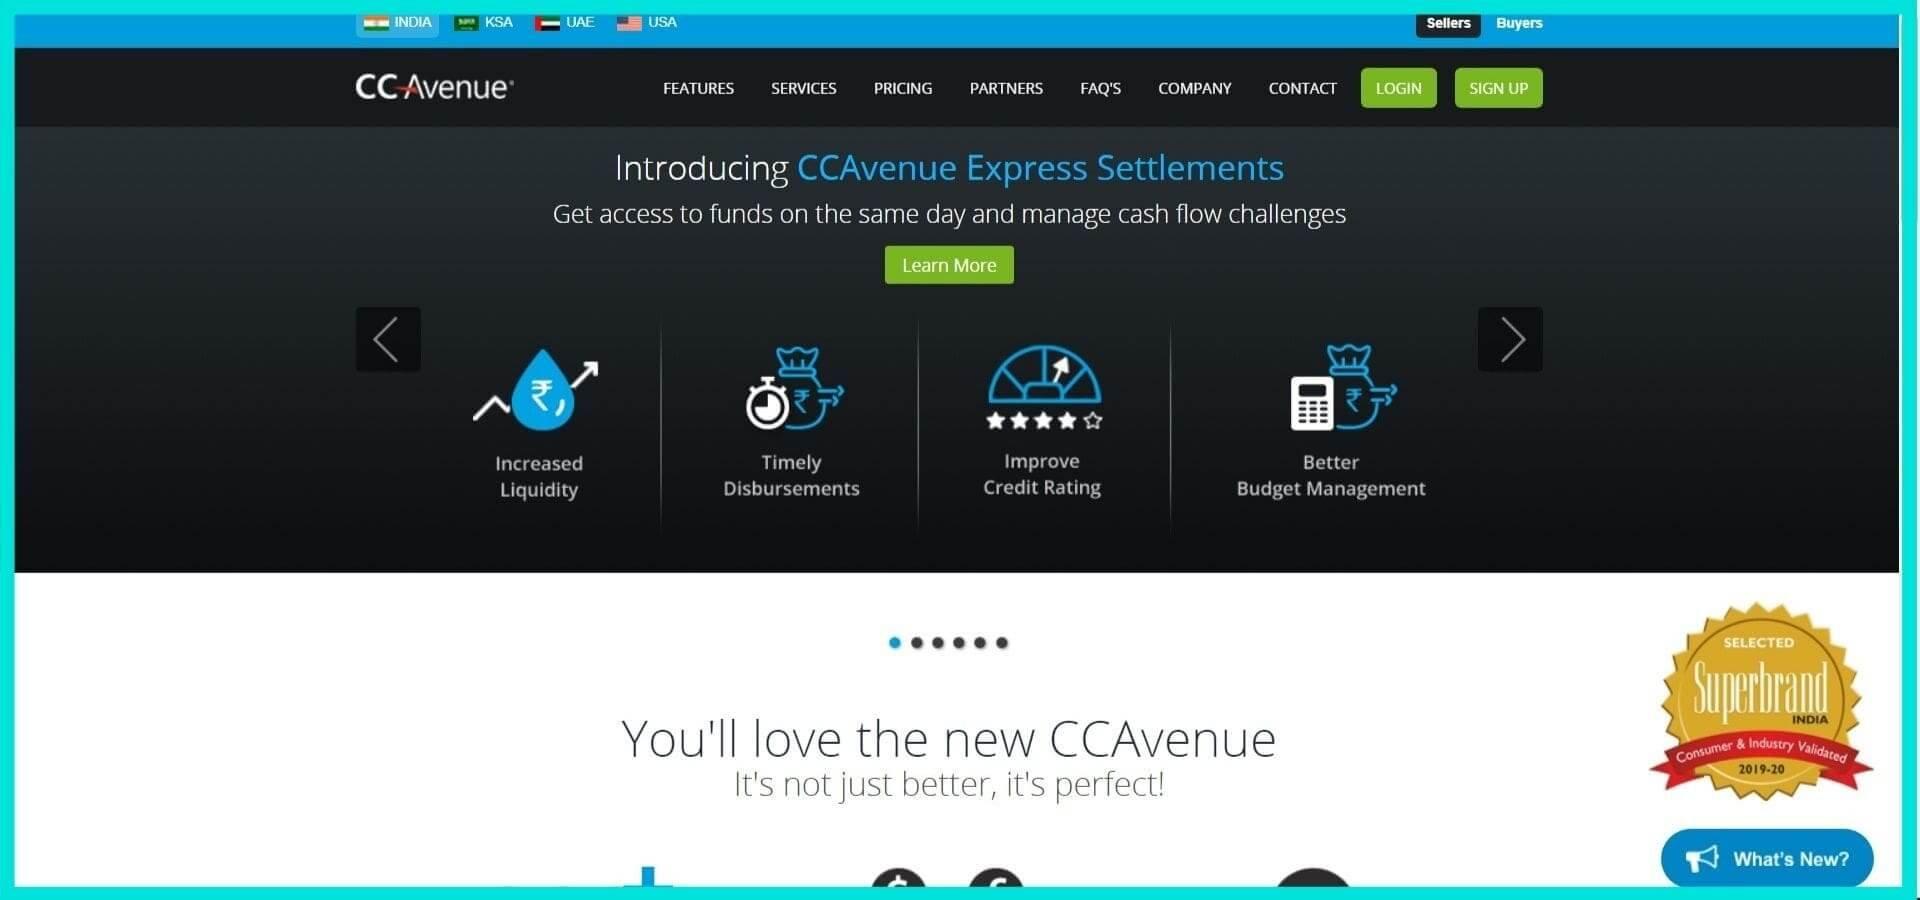 CC Avenue Site Screenshot